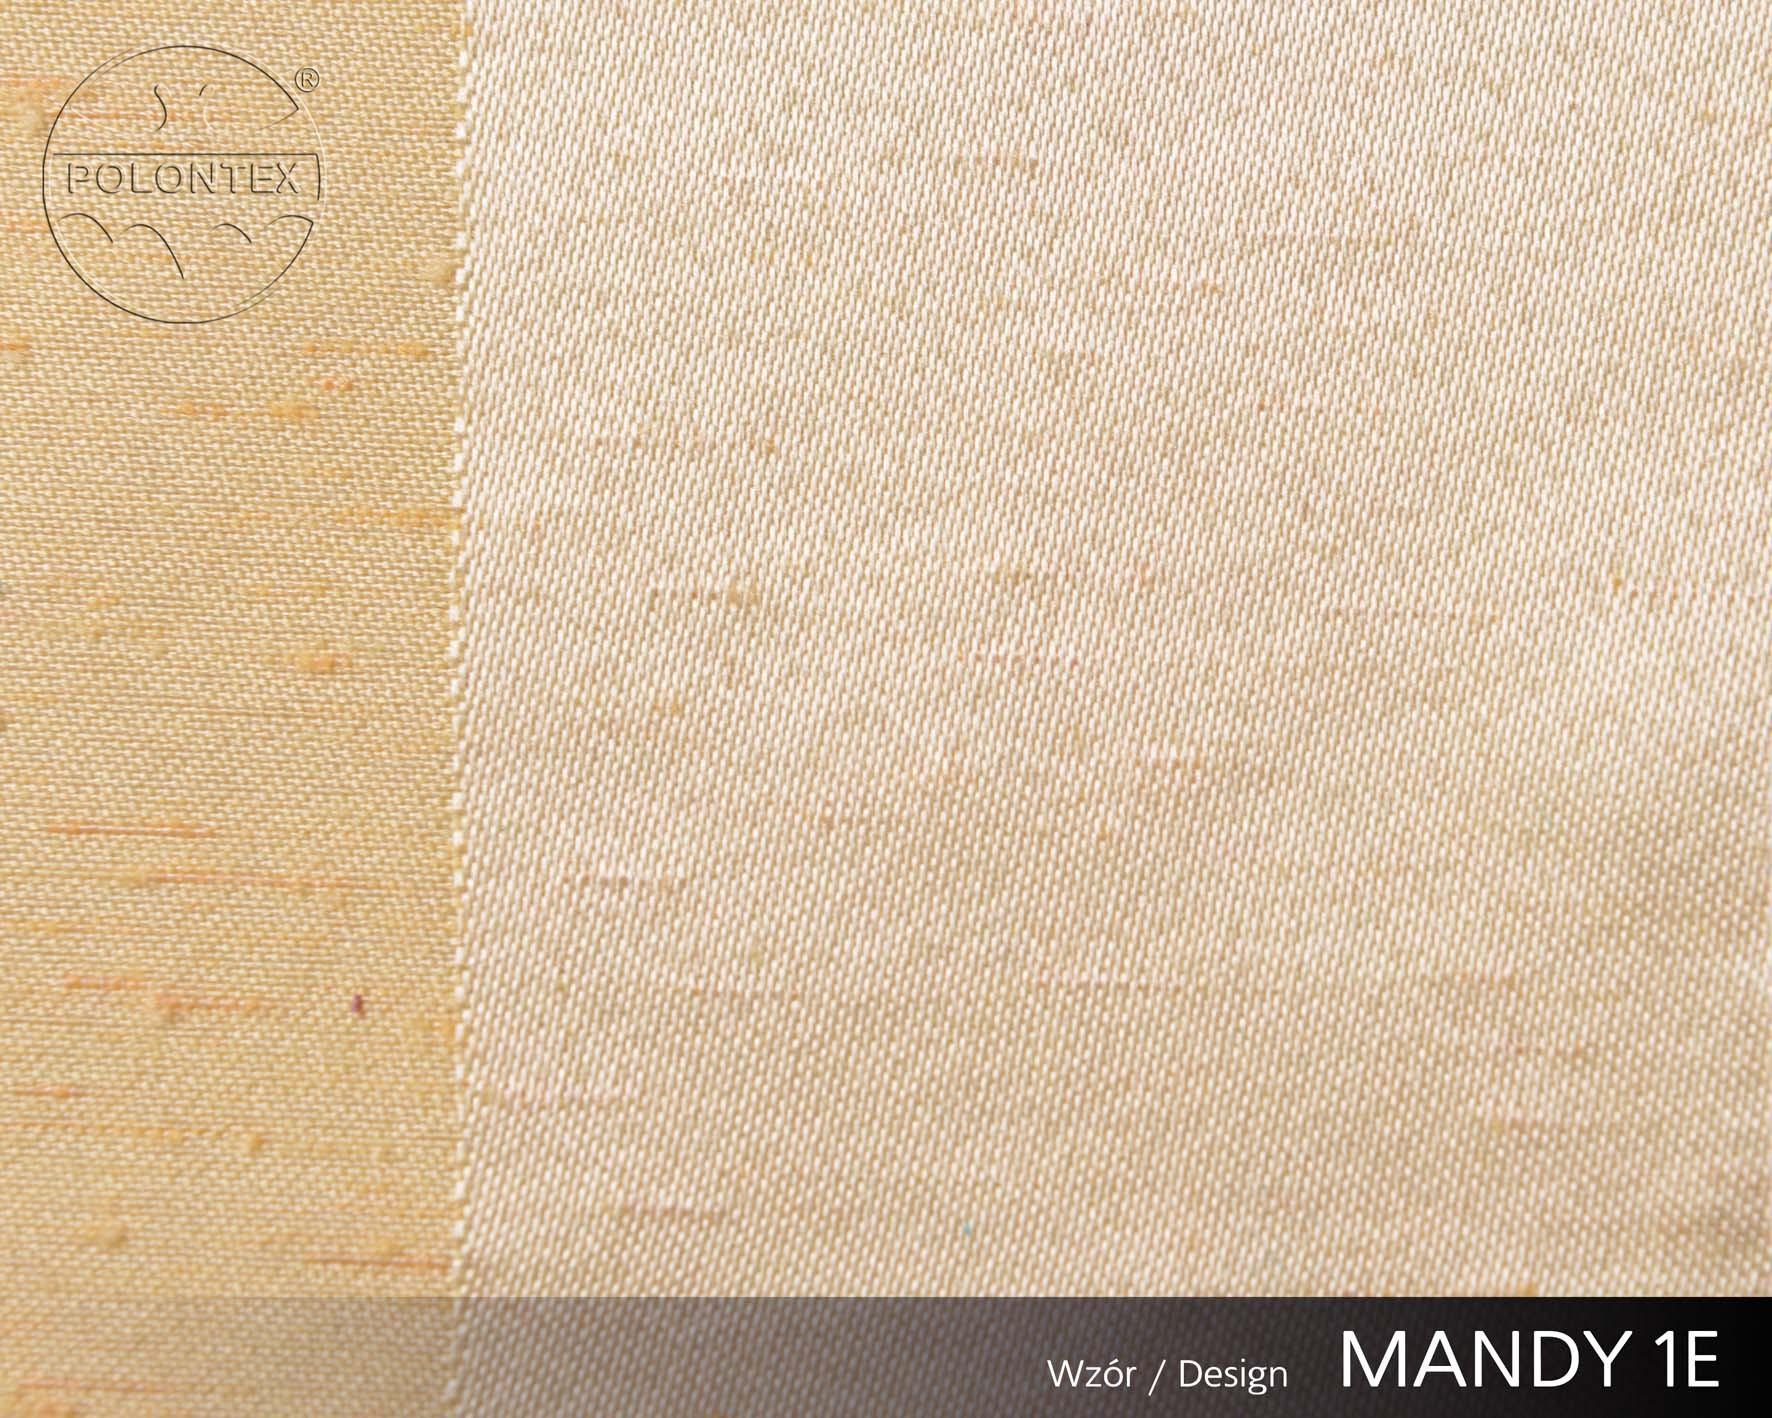 MANDY 1E 2261